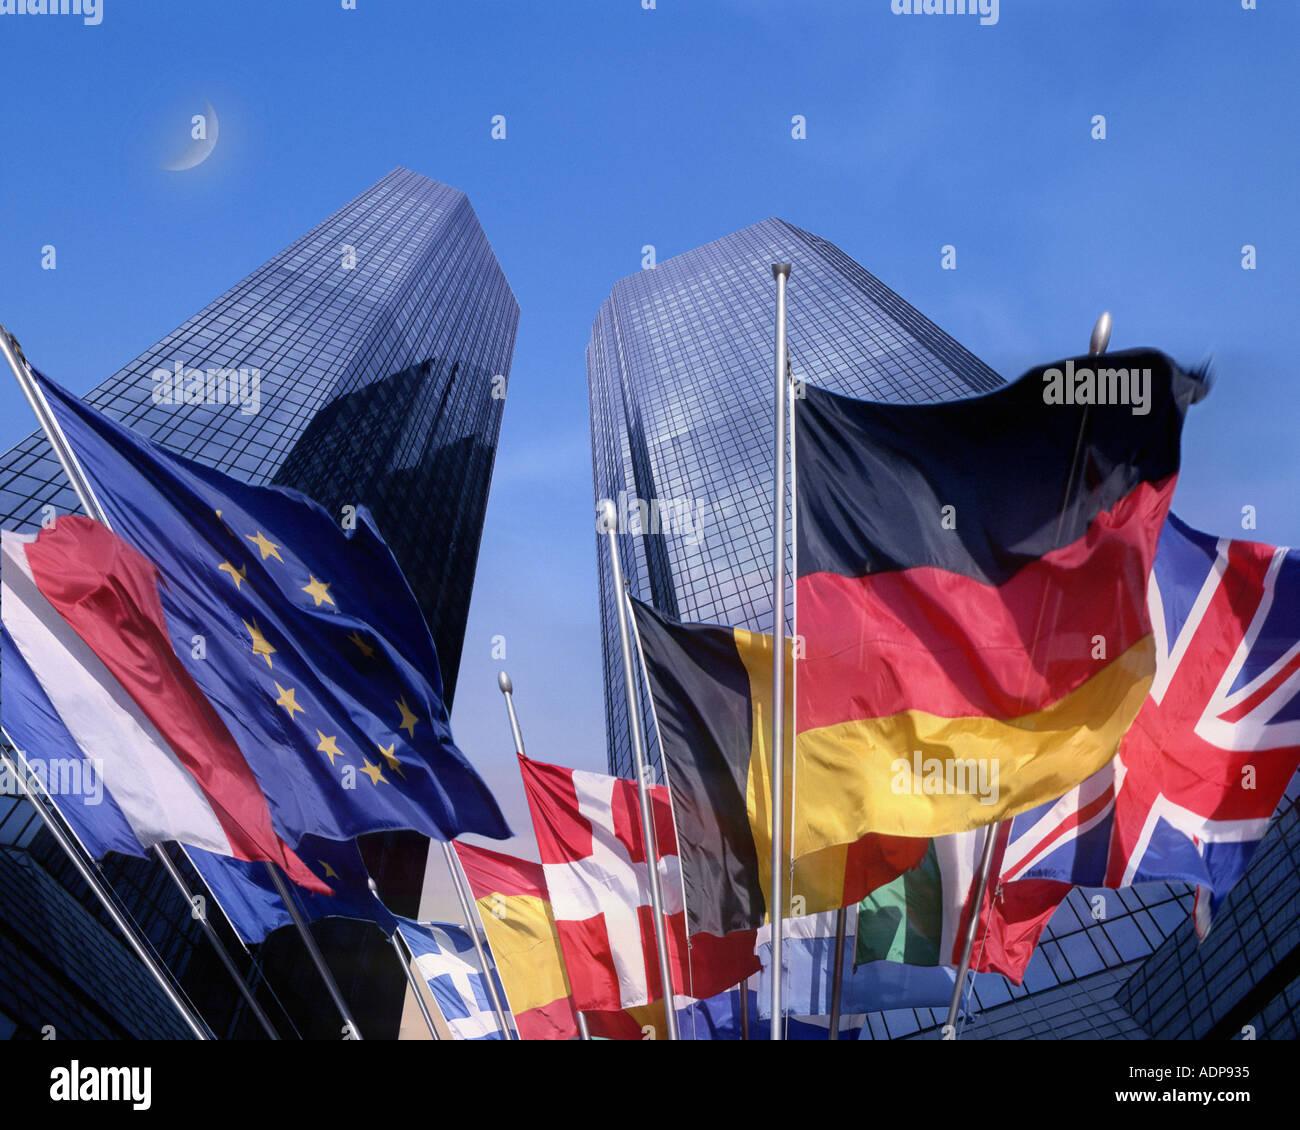 DE - HESSEN: The Flags of Europe below the Deutsche Bank in Frankfurt - Stock Image